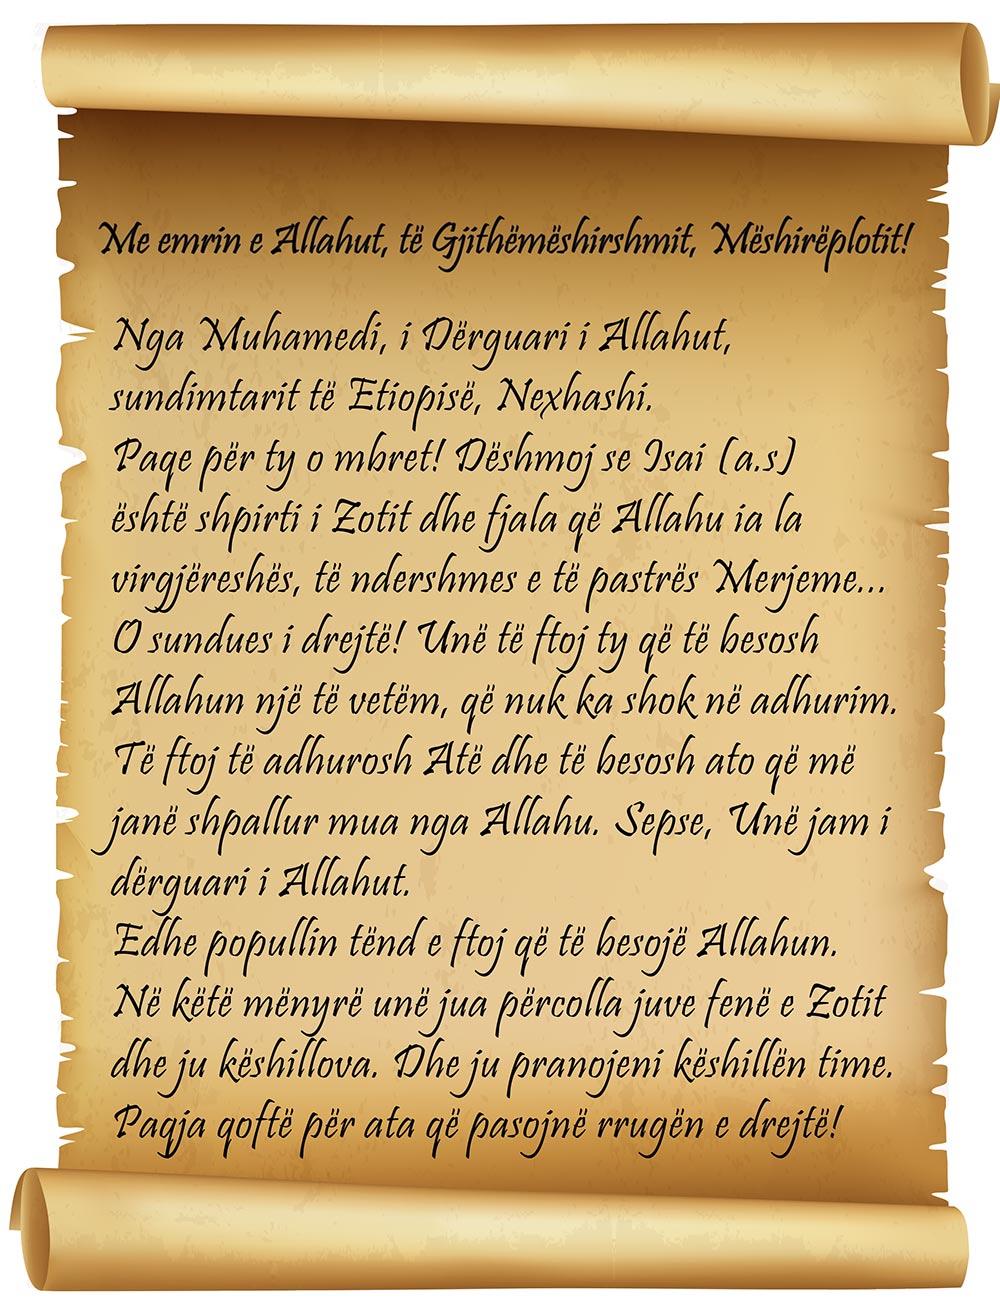 profeti-muhamed-33-letra.jpg